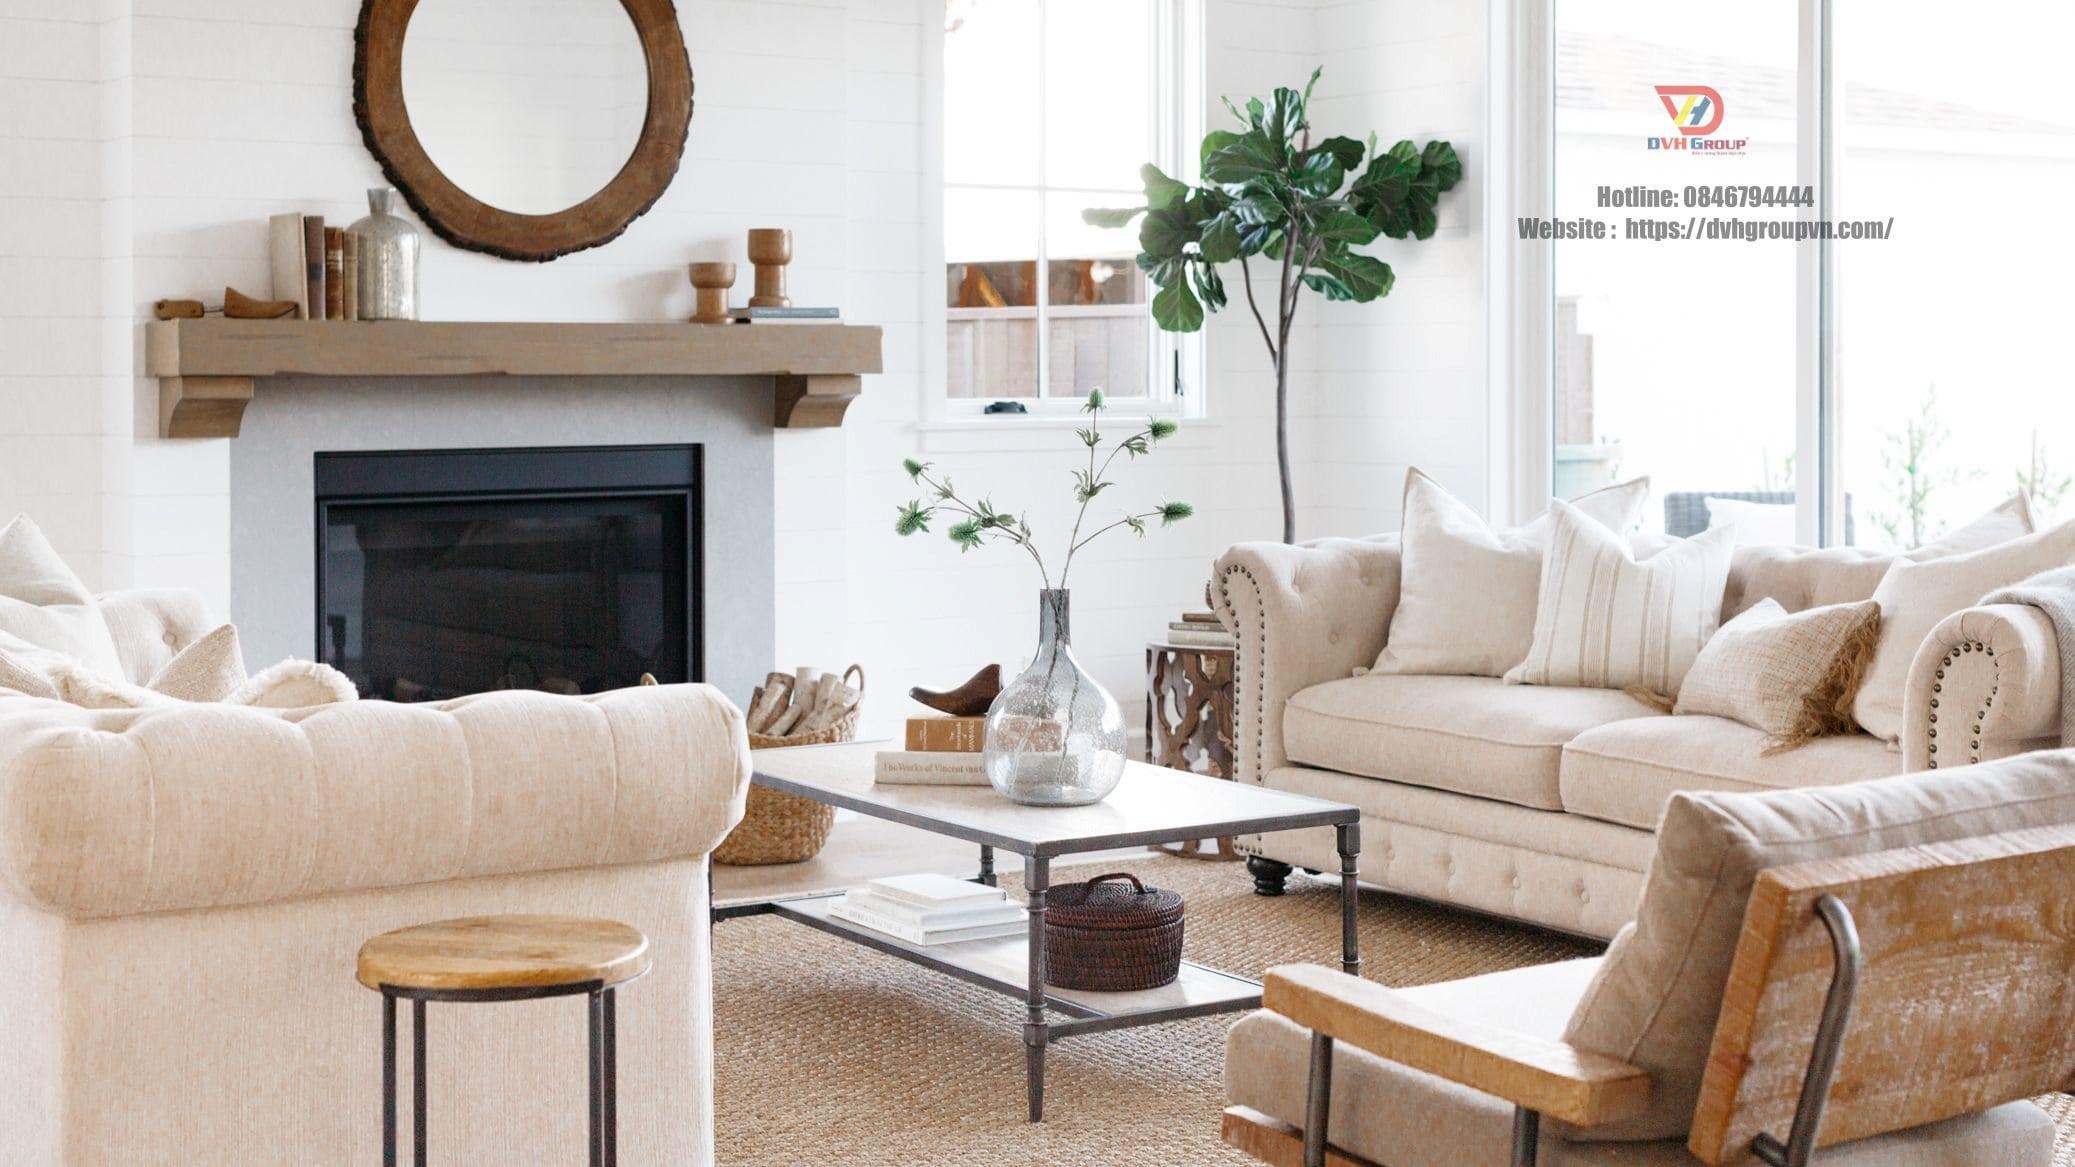 Công ty thiết kế nội thất tại Long Thành - Nội thất DVHGroup